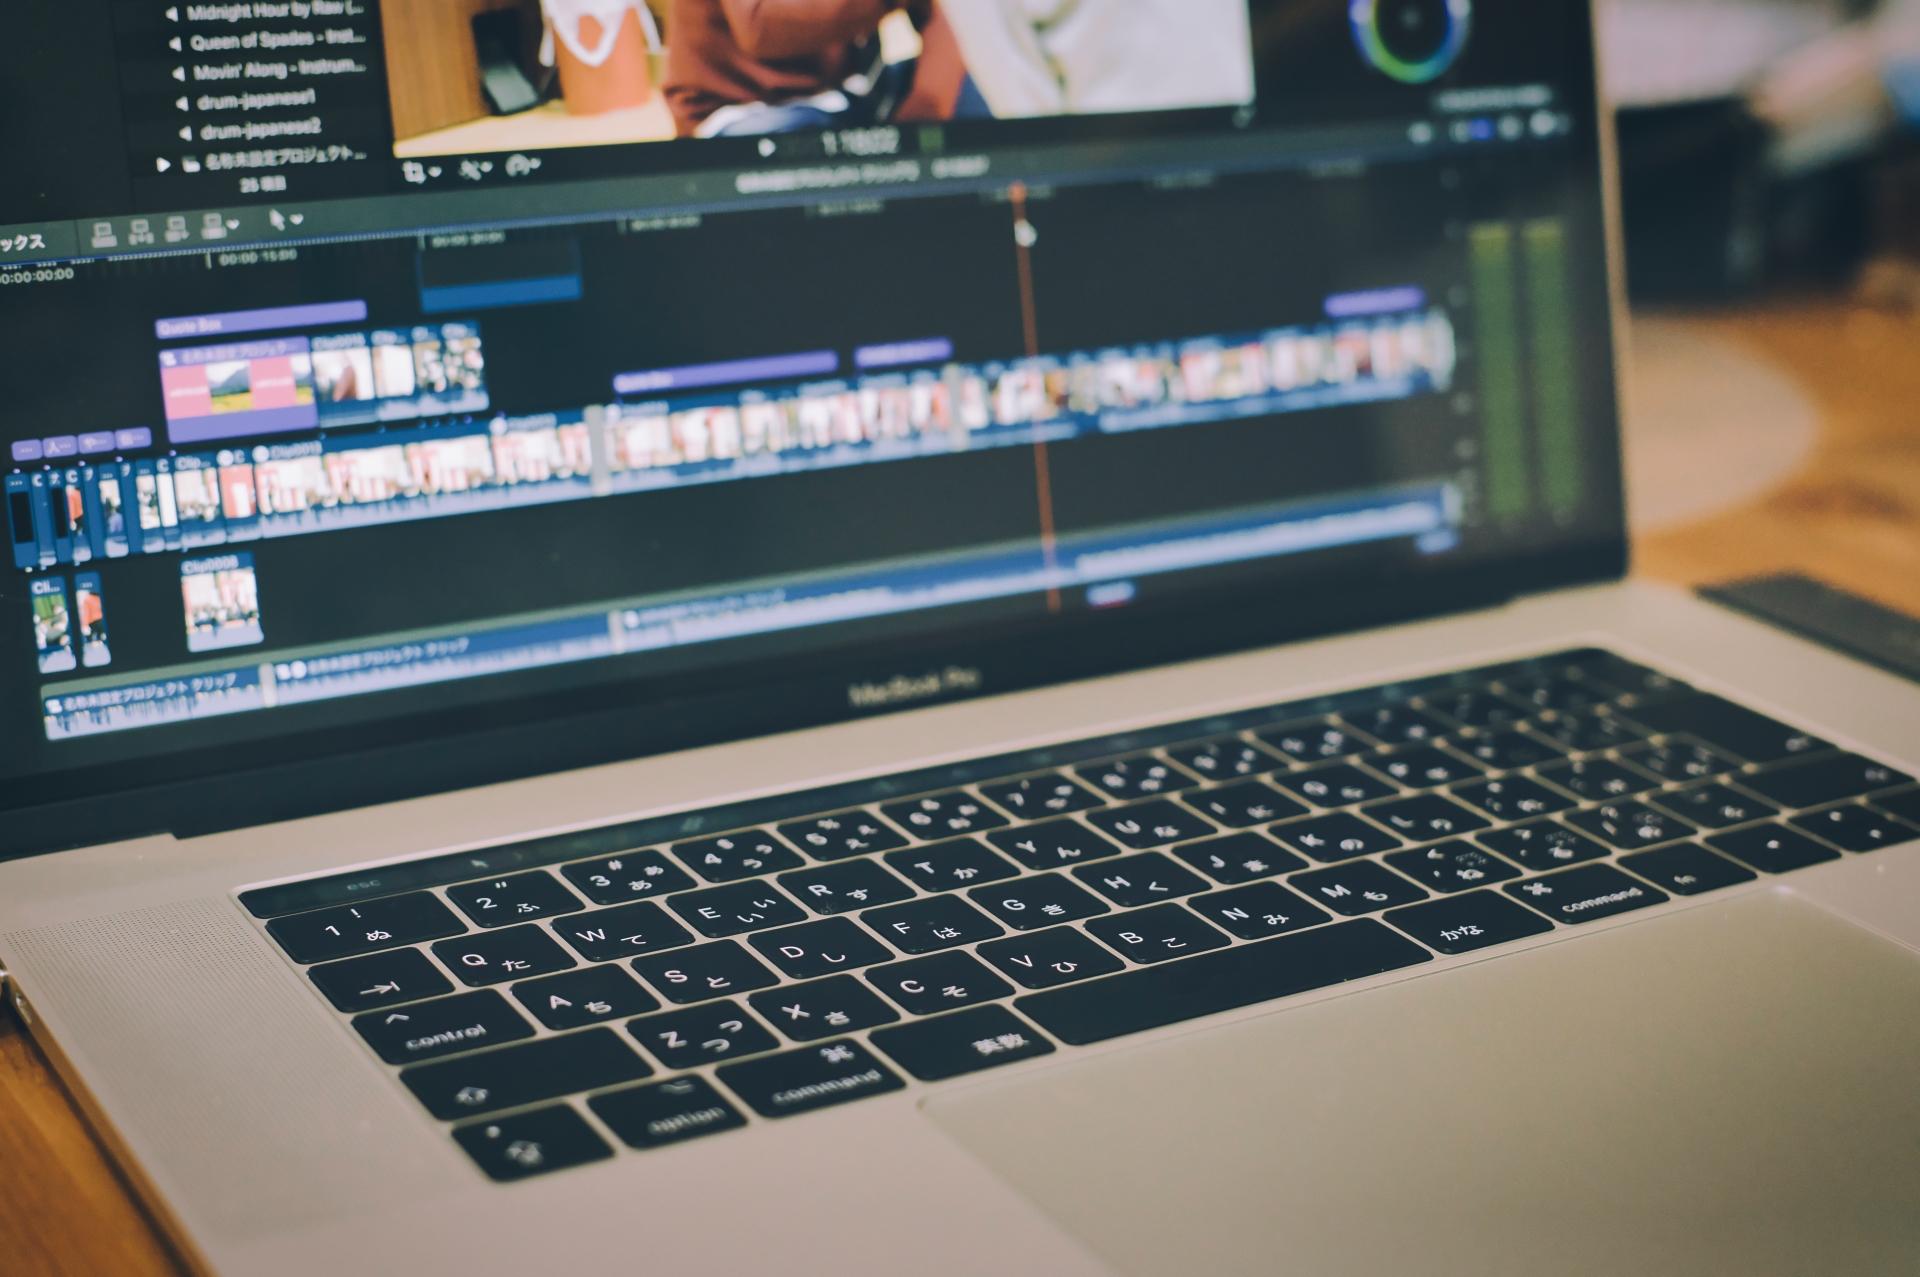 【第1回】動画・映像クリエイターに聞く!〜動画制作の仕事とは?〜